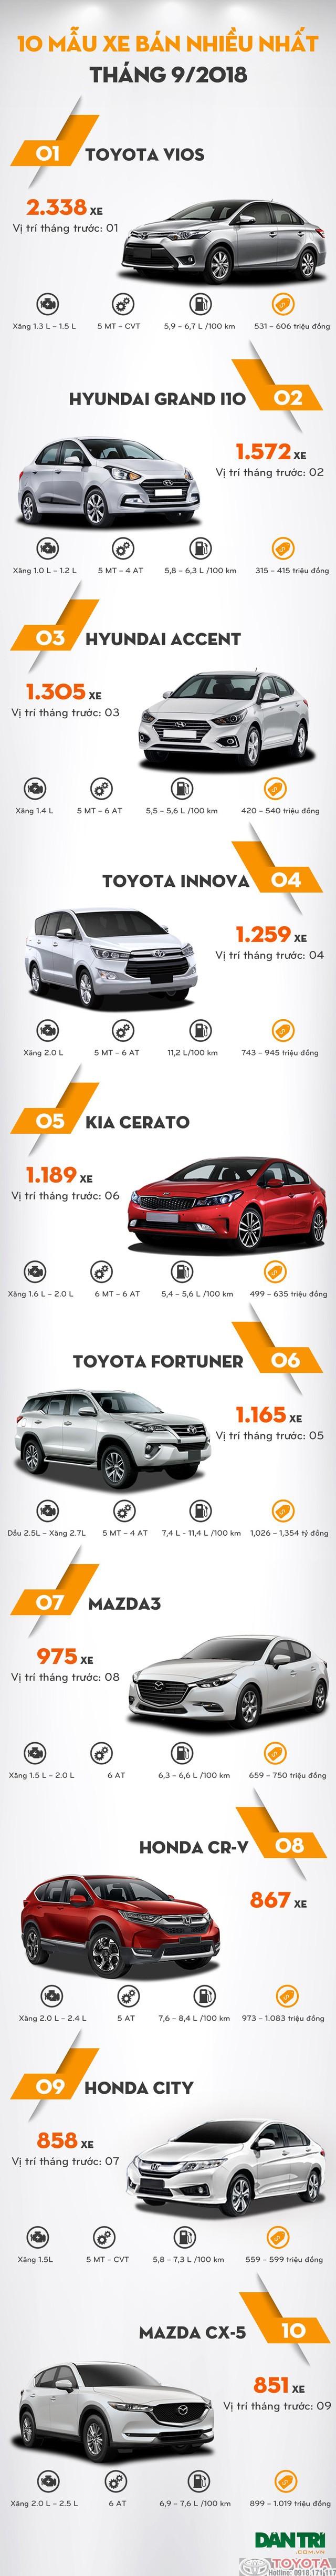 top 10 mẫu xe bán chạy